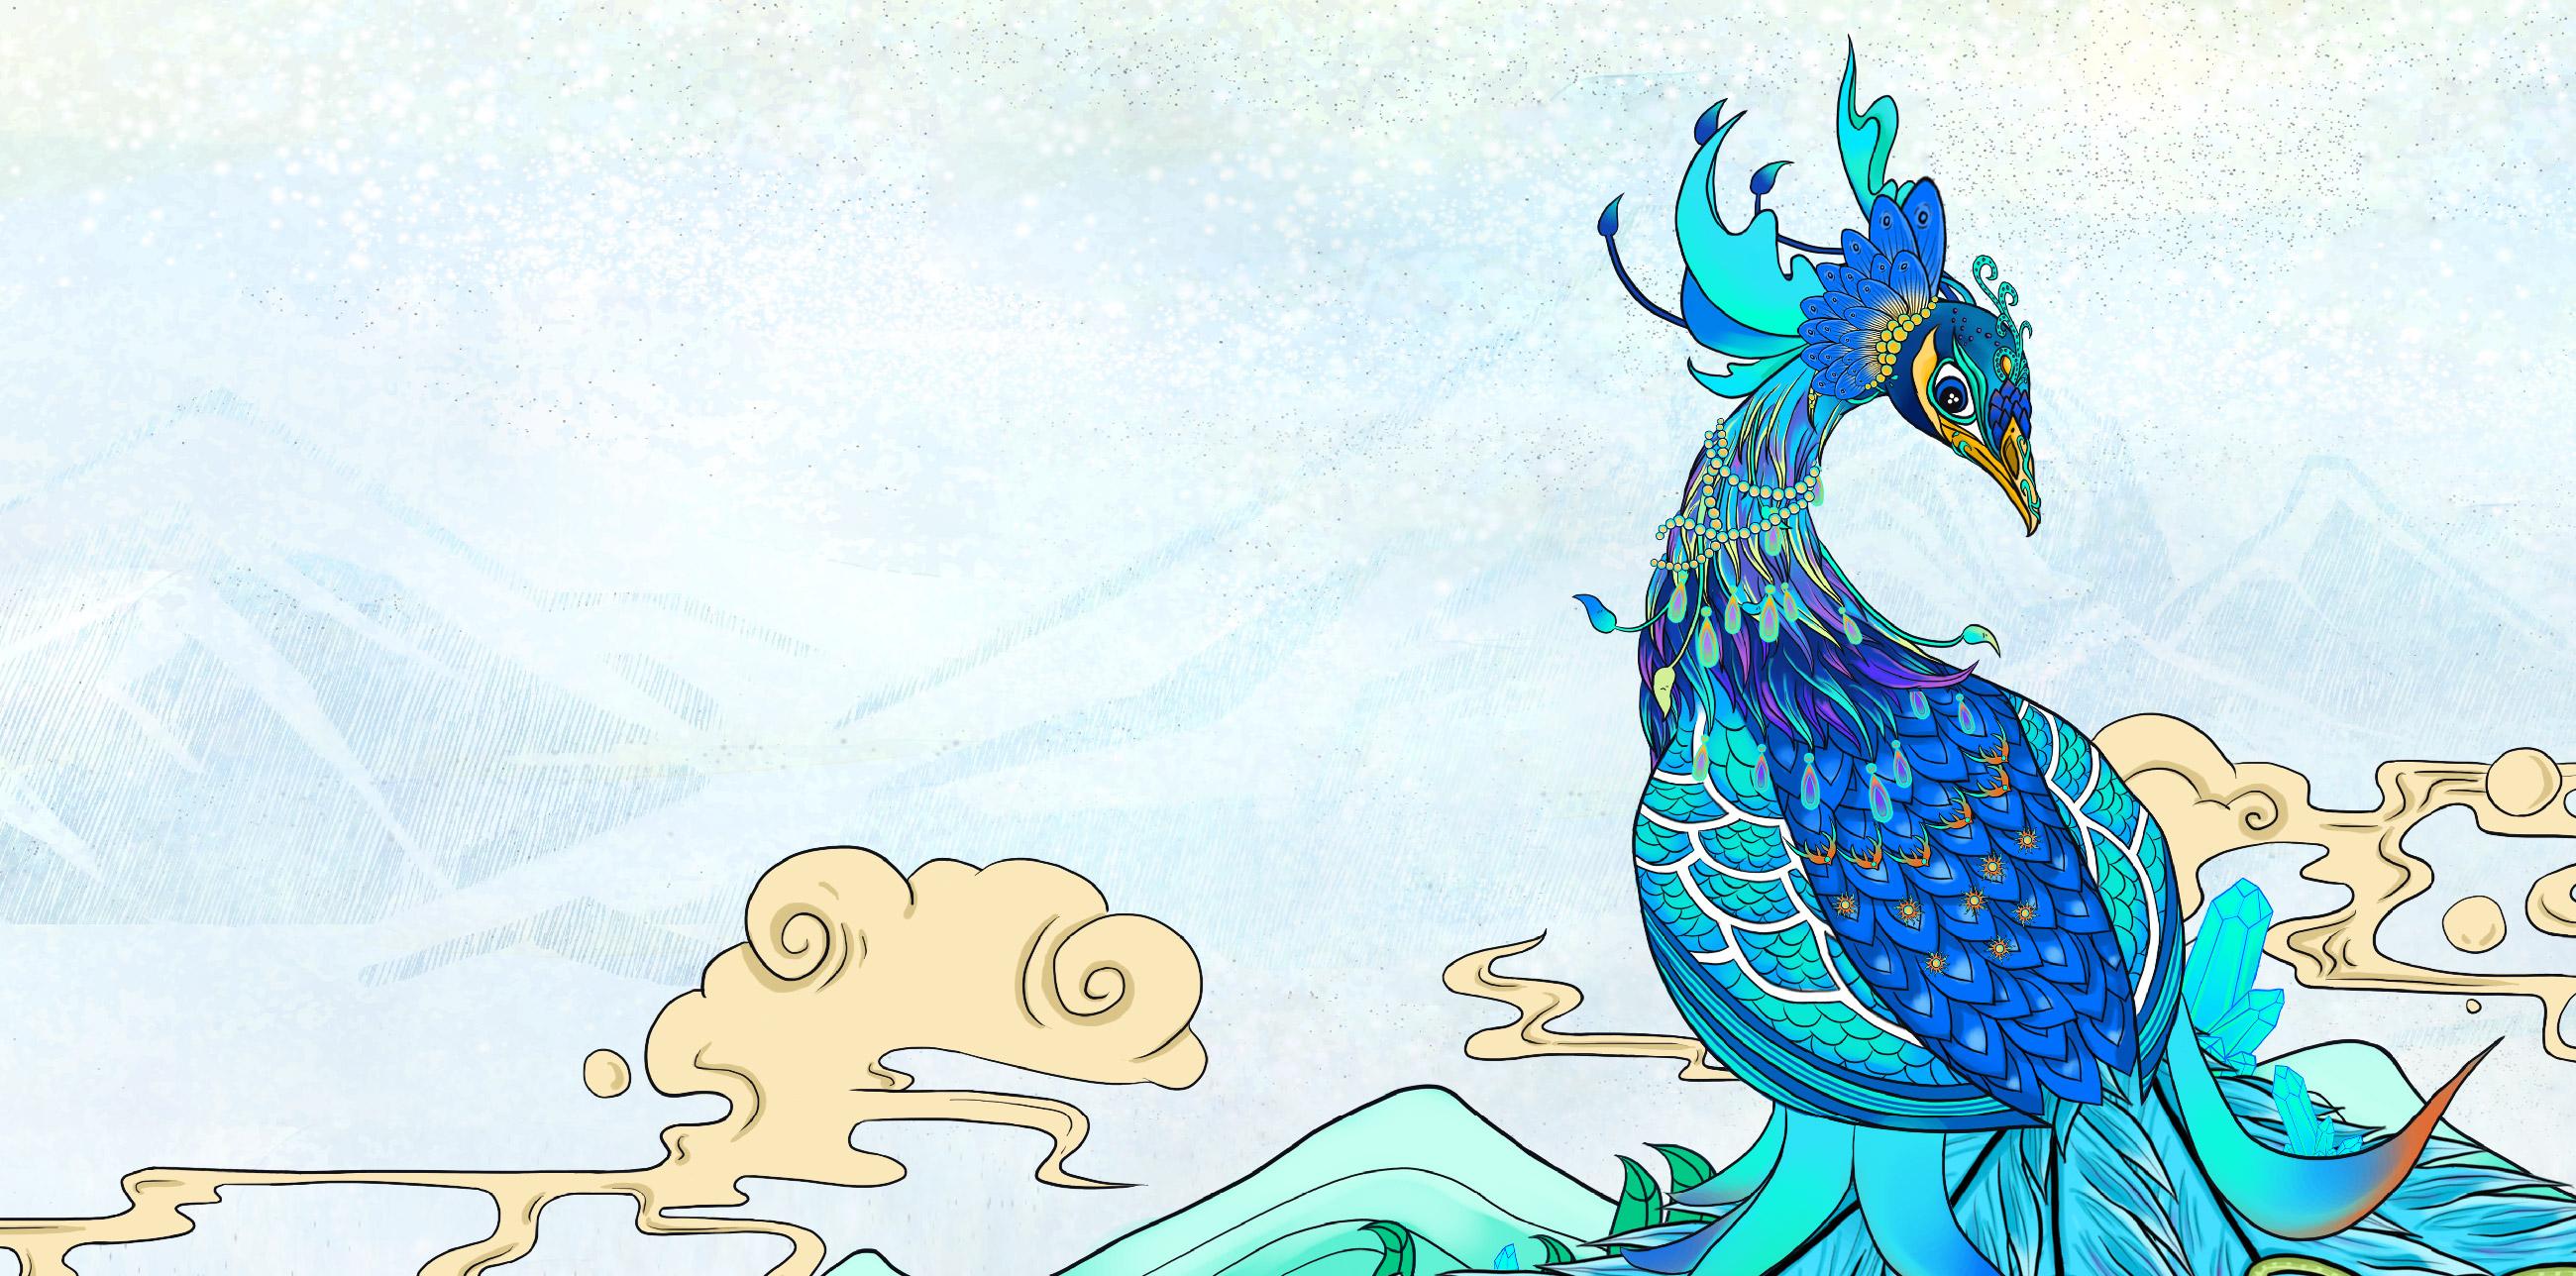 孔雀手绘卡通图片